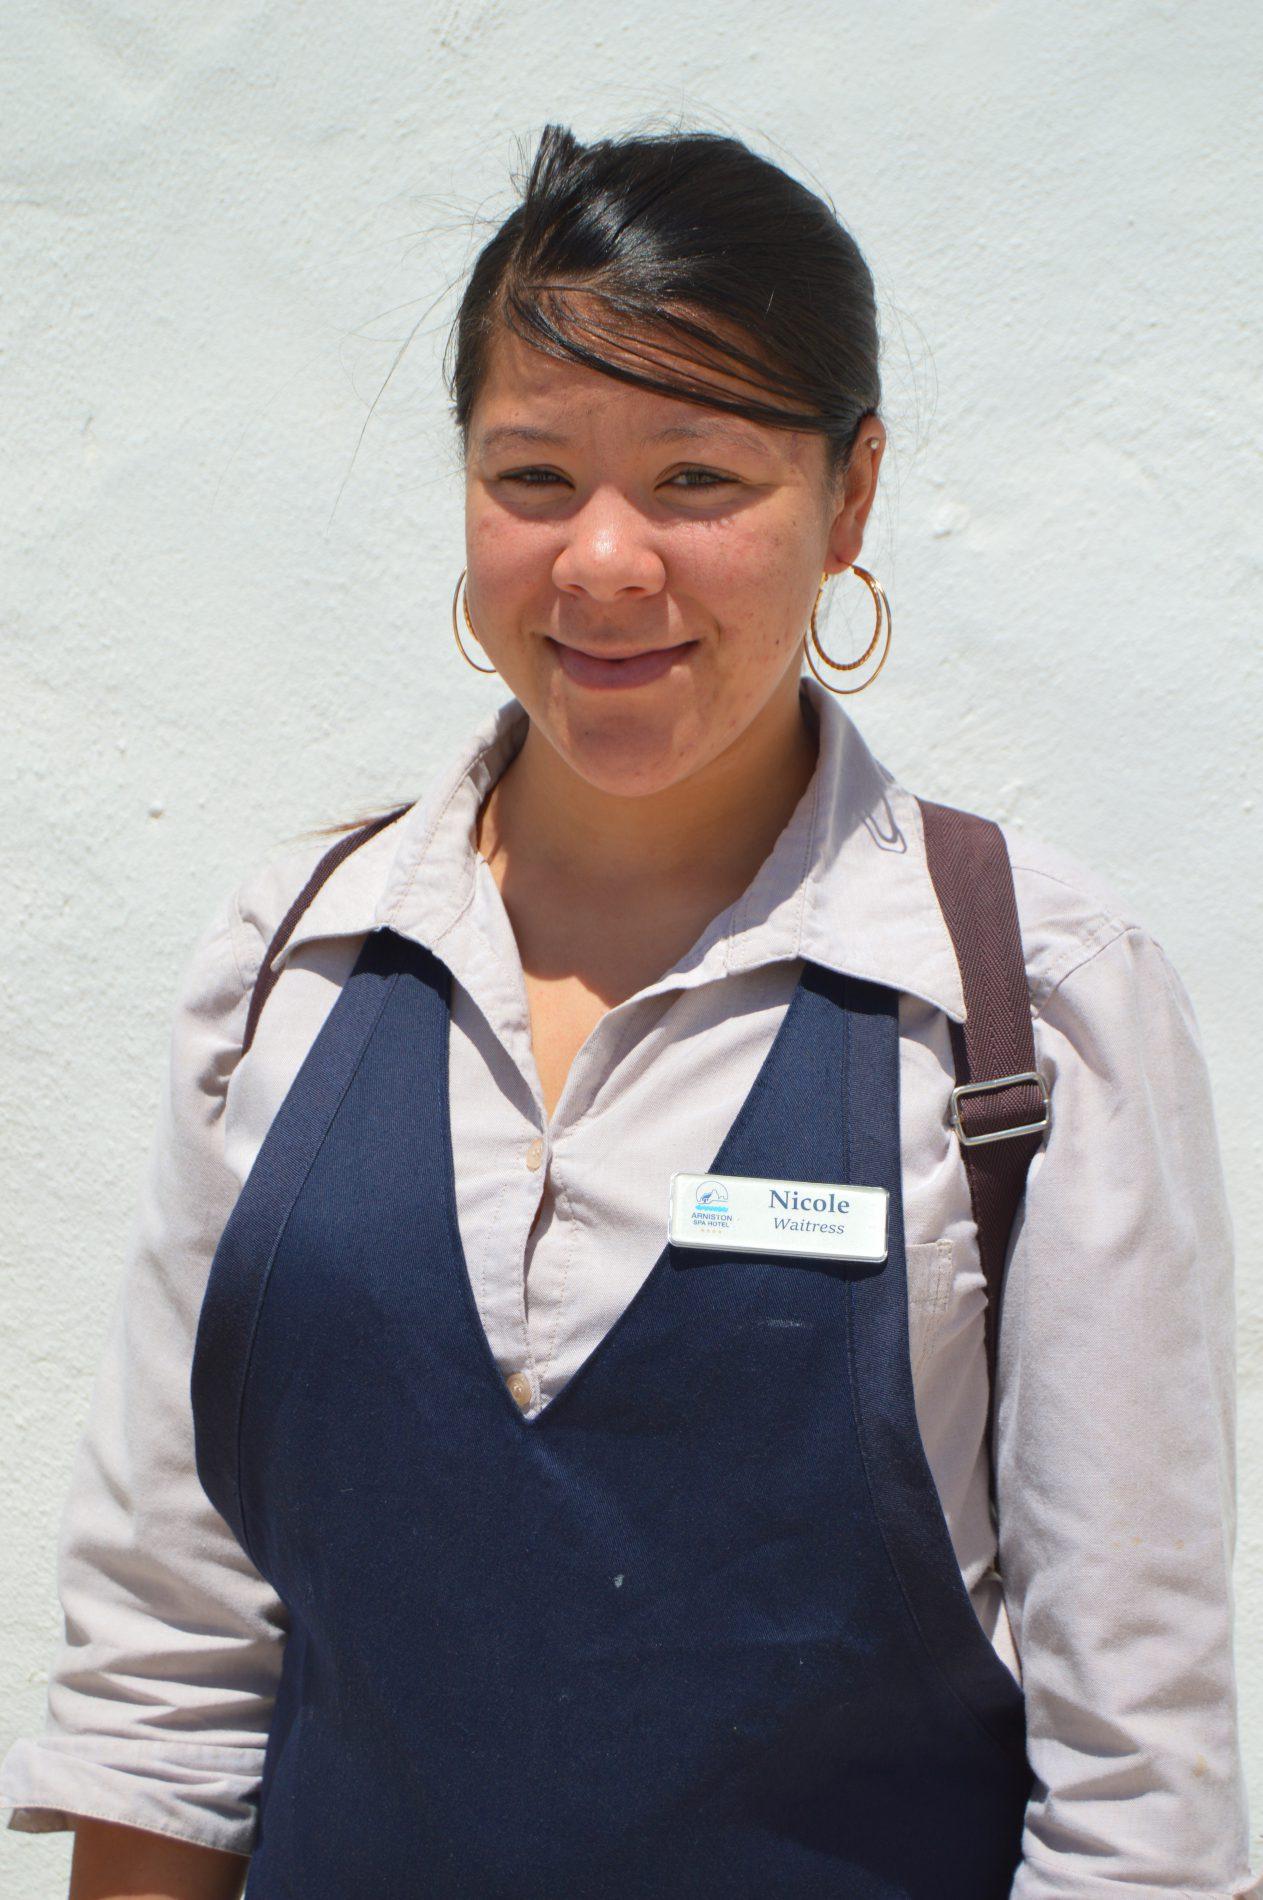 Nicole Lourens